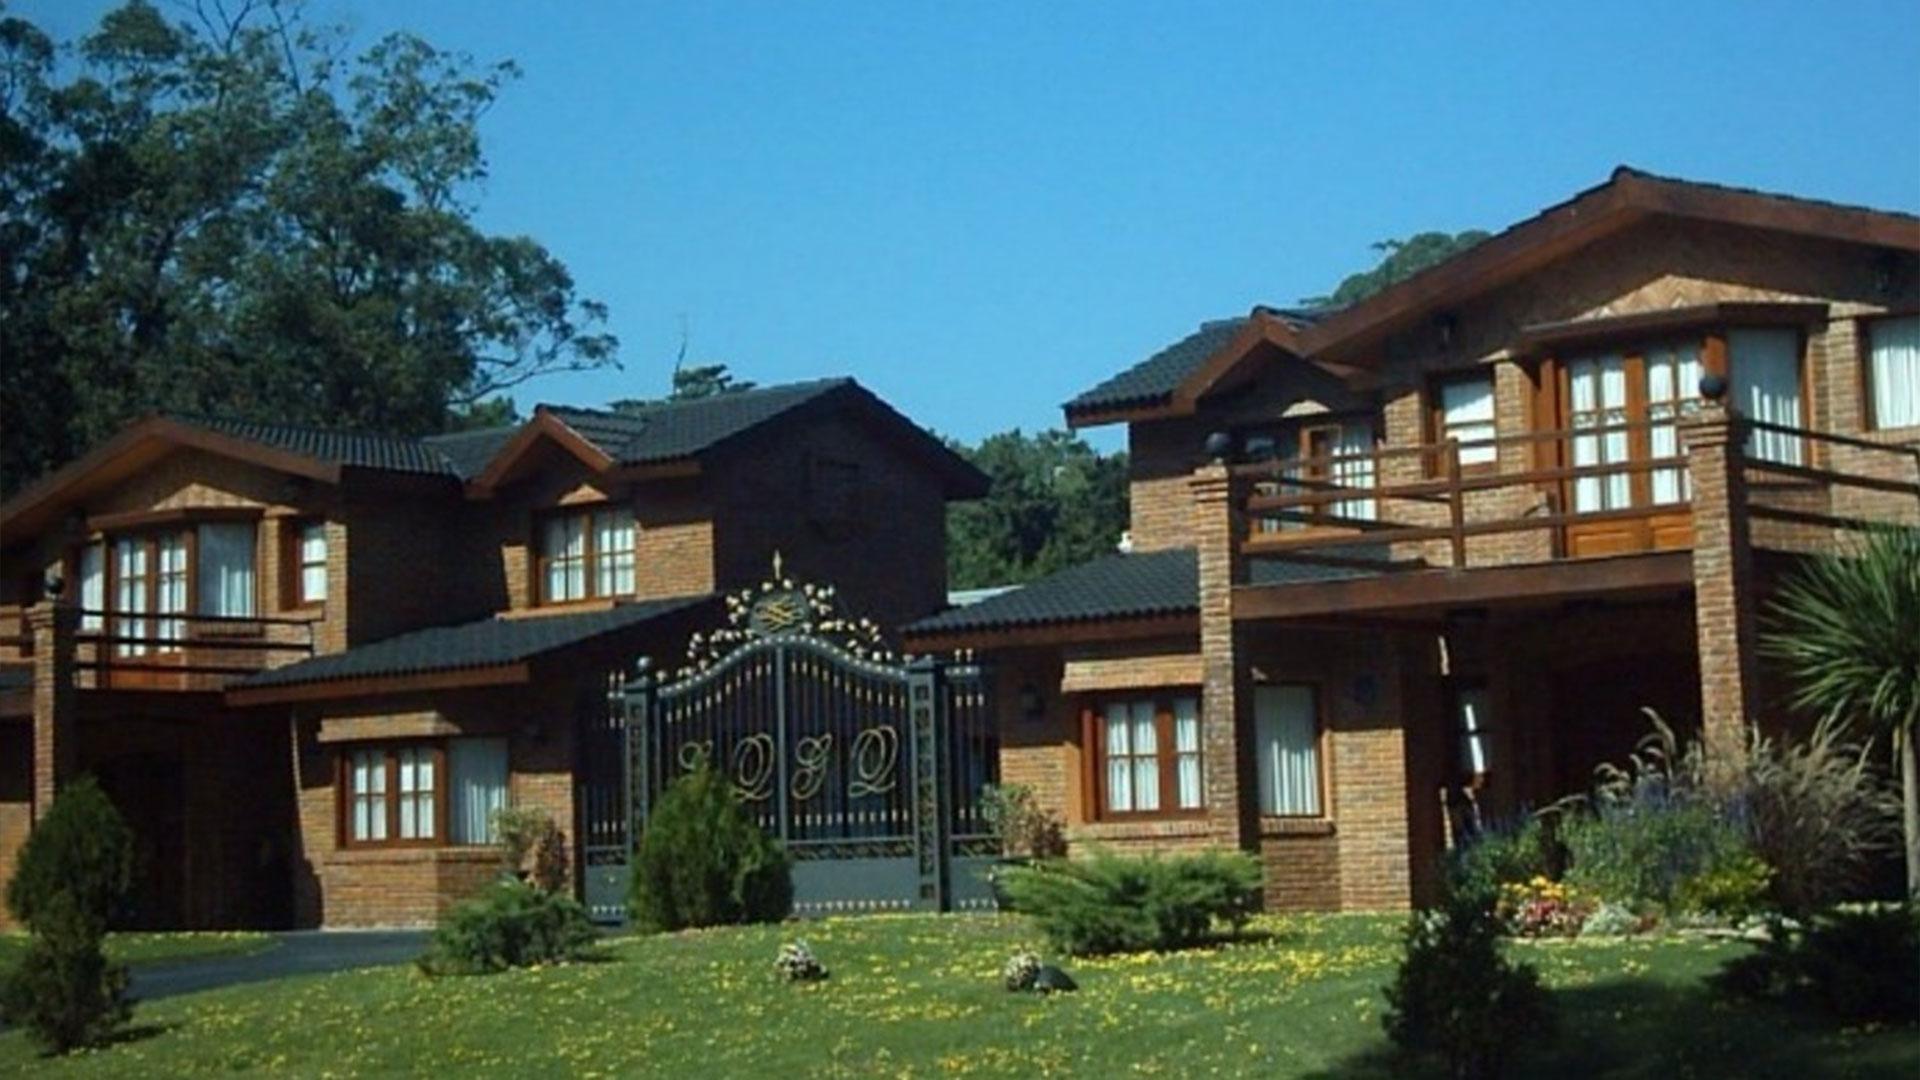 La mansión tiene dos casas